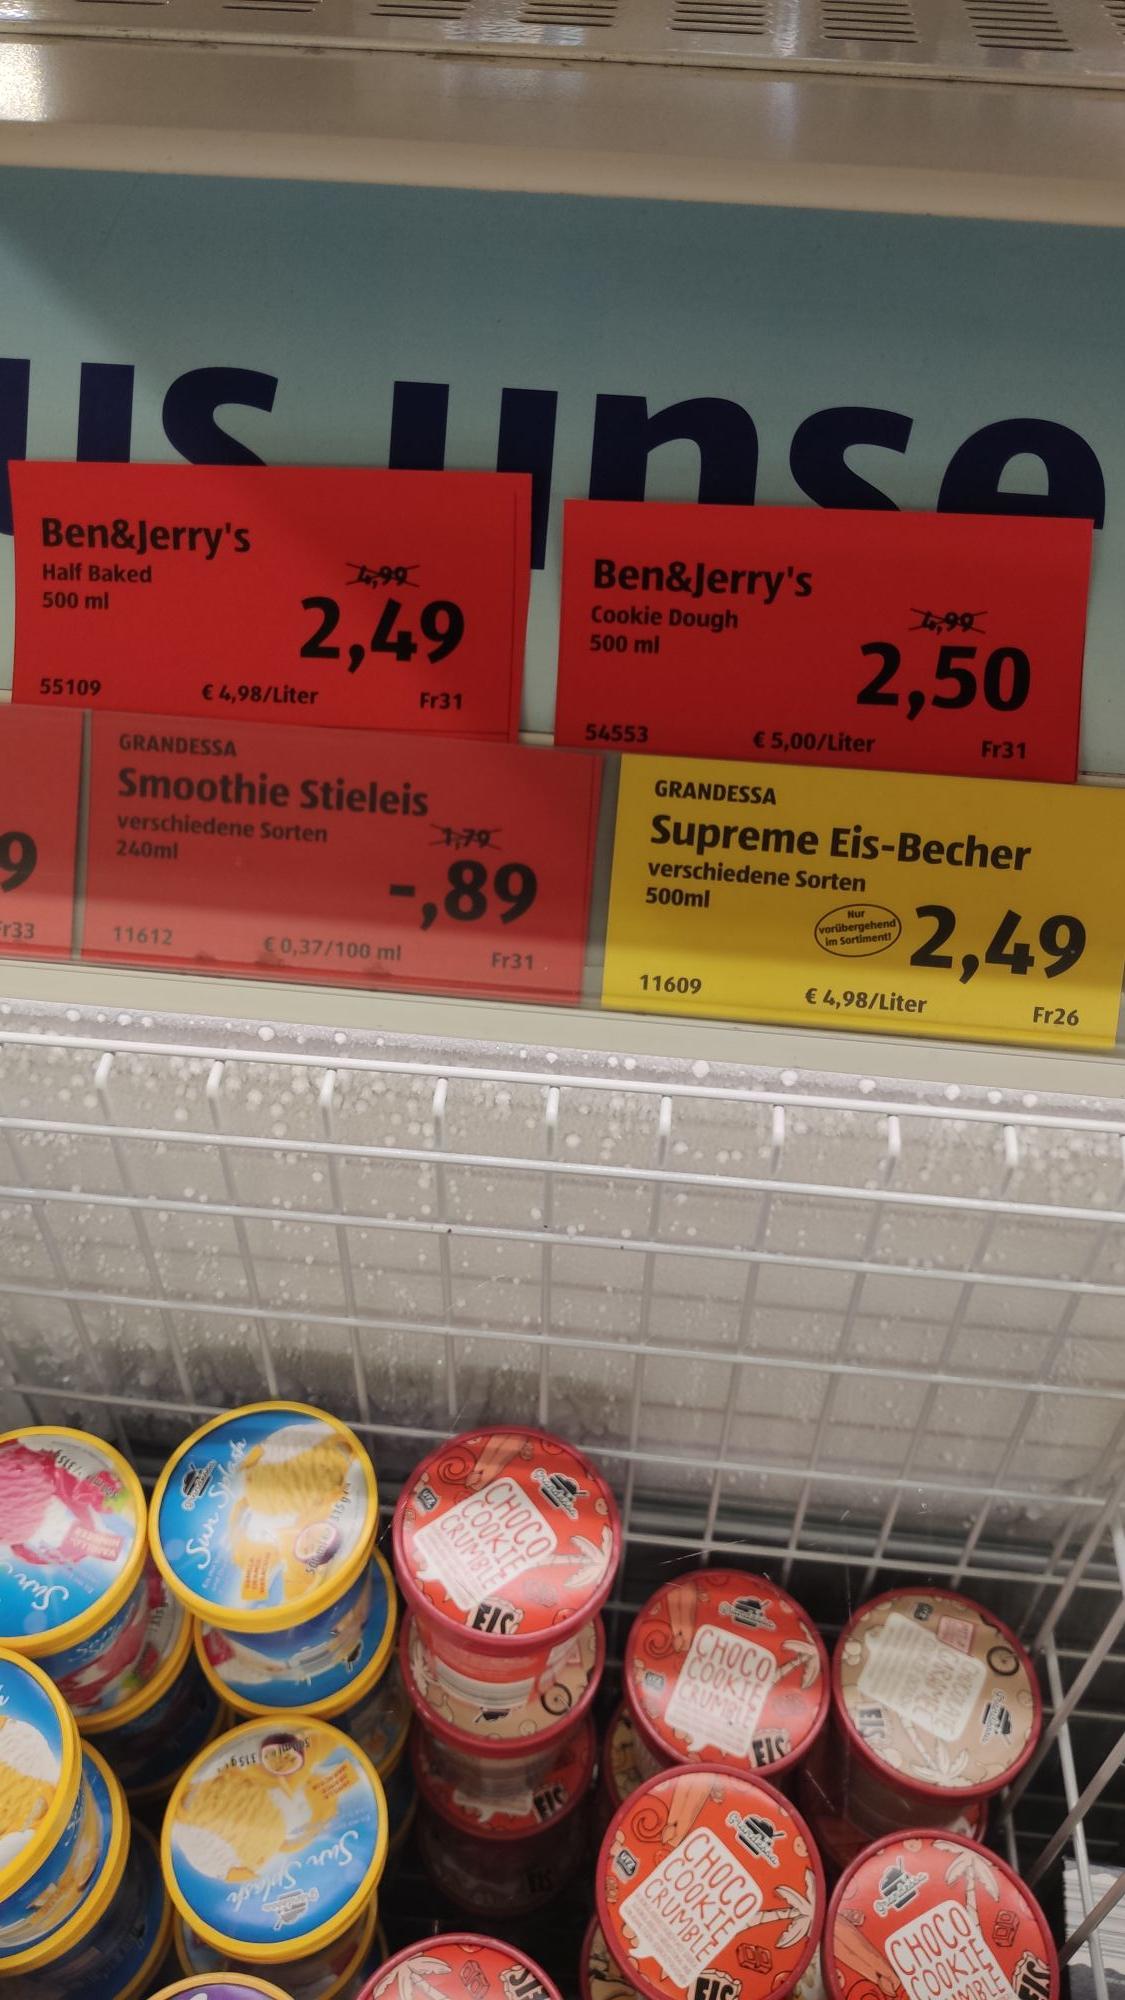 Ben & Jerry's 500ml Eis bei Aldi Süd (LOKAL Duisburg - Obermarxloh) (zusätzlich 2,00€ Cashback möglich)